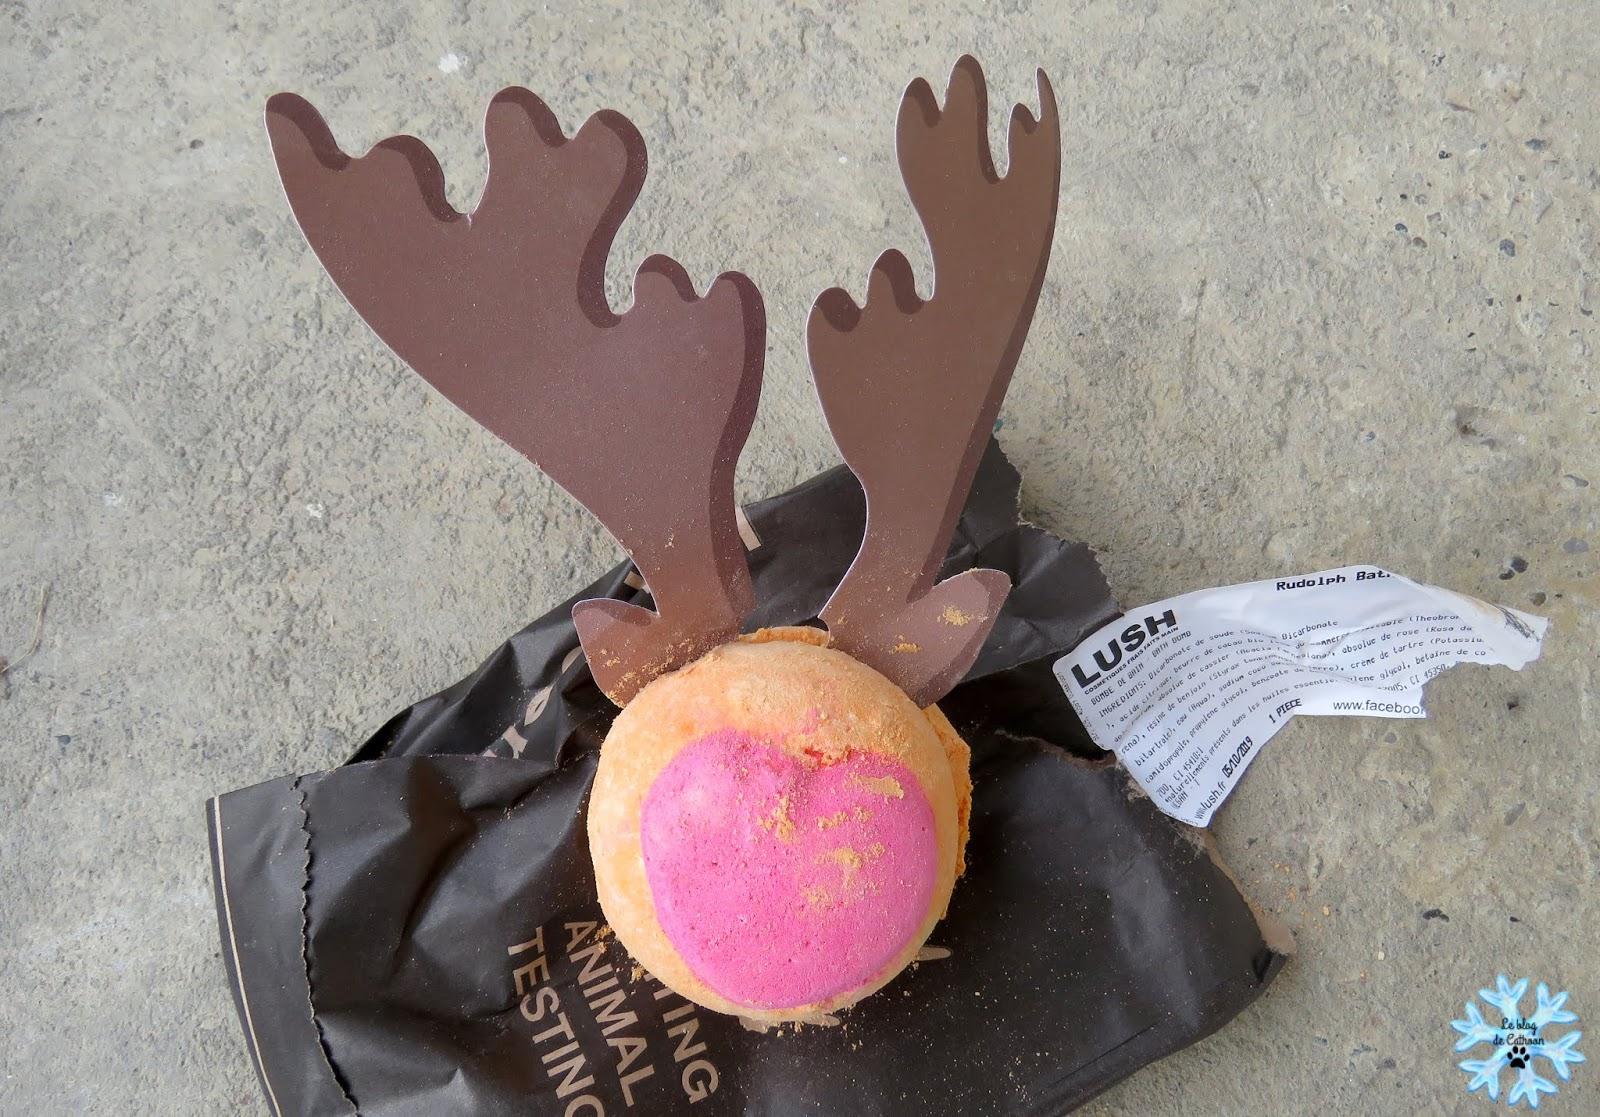 Bombe de bain Rudolph de Lush